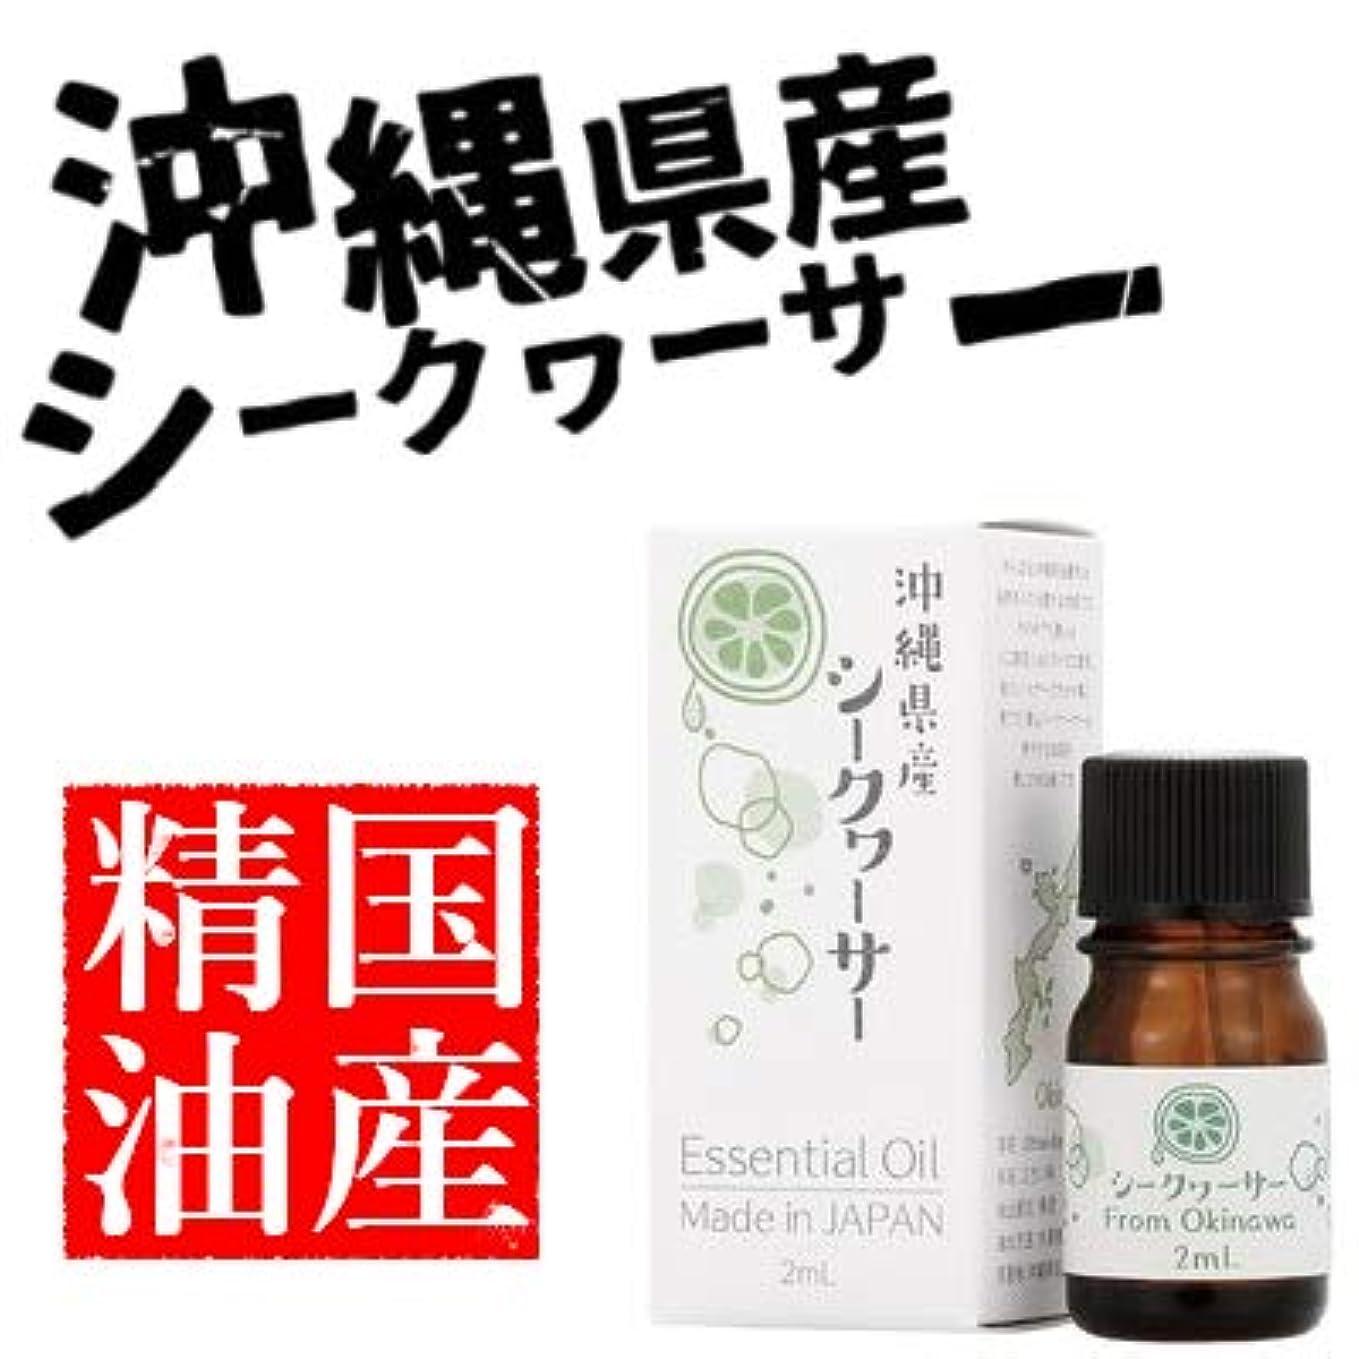 不正確規範寛大な日本の香りシリーズ シークヮーサー エッセンシャルオイル 国産精油 沖縄県産 2ml …